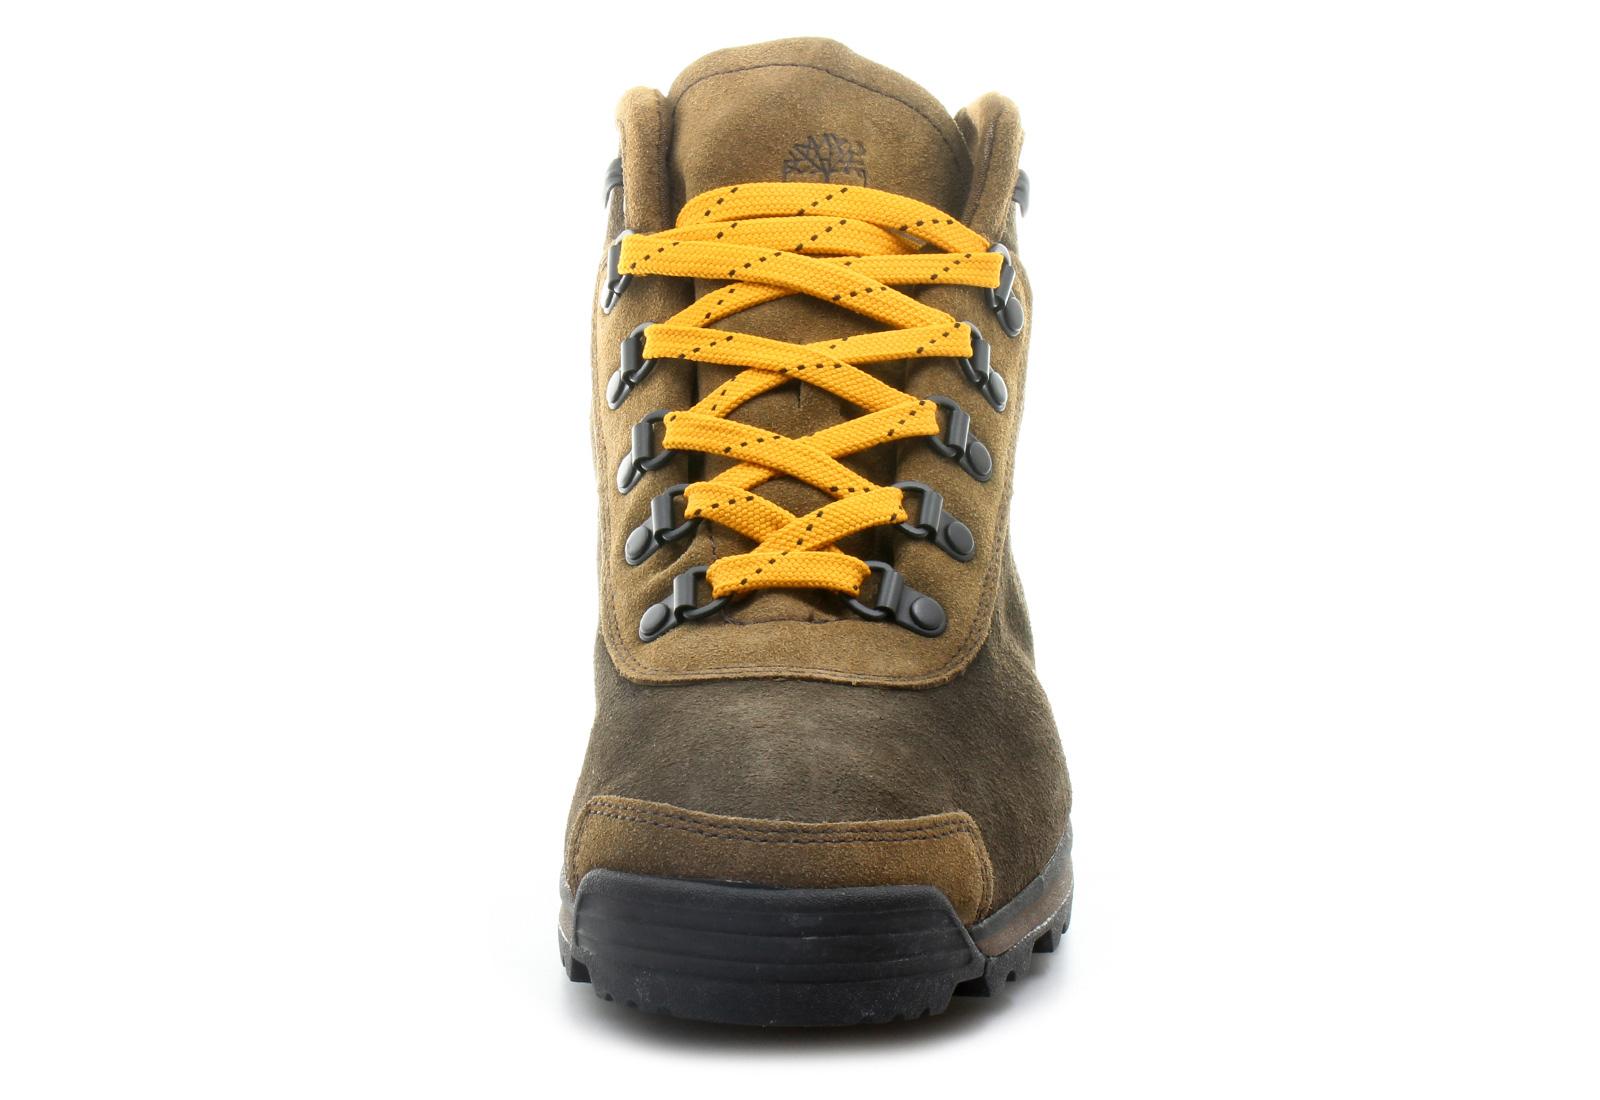 timberland boots ekscrambl mid suede 2340r dbr